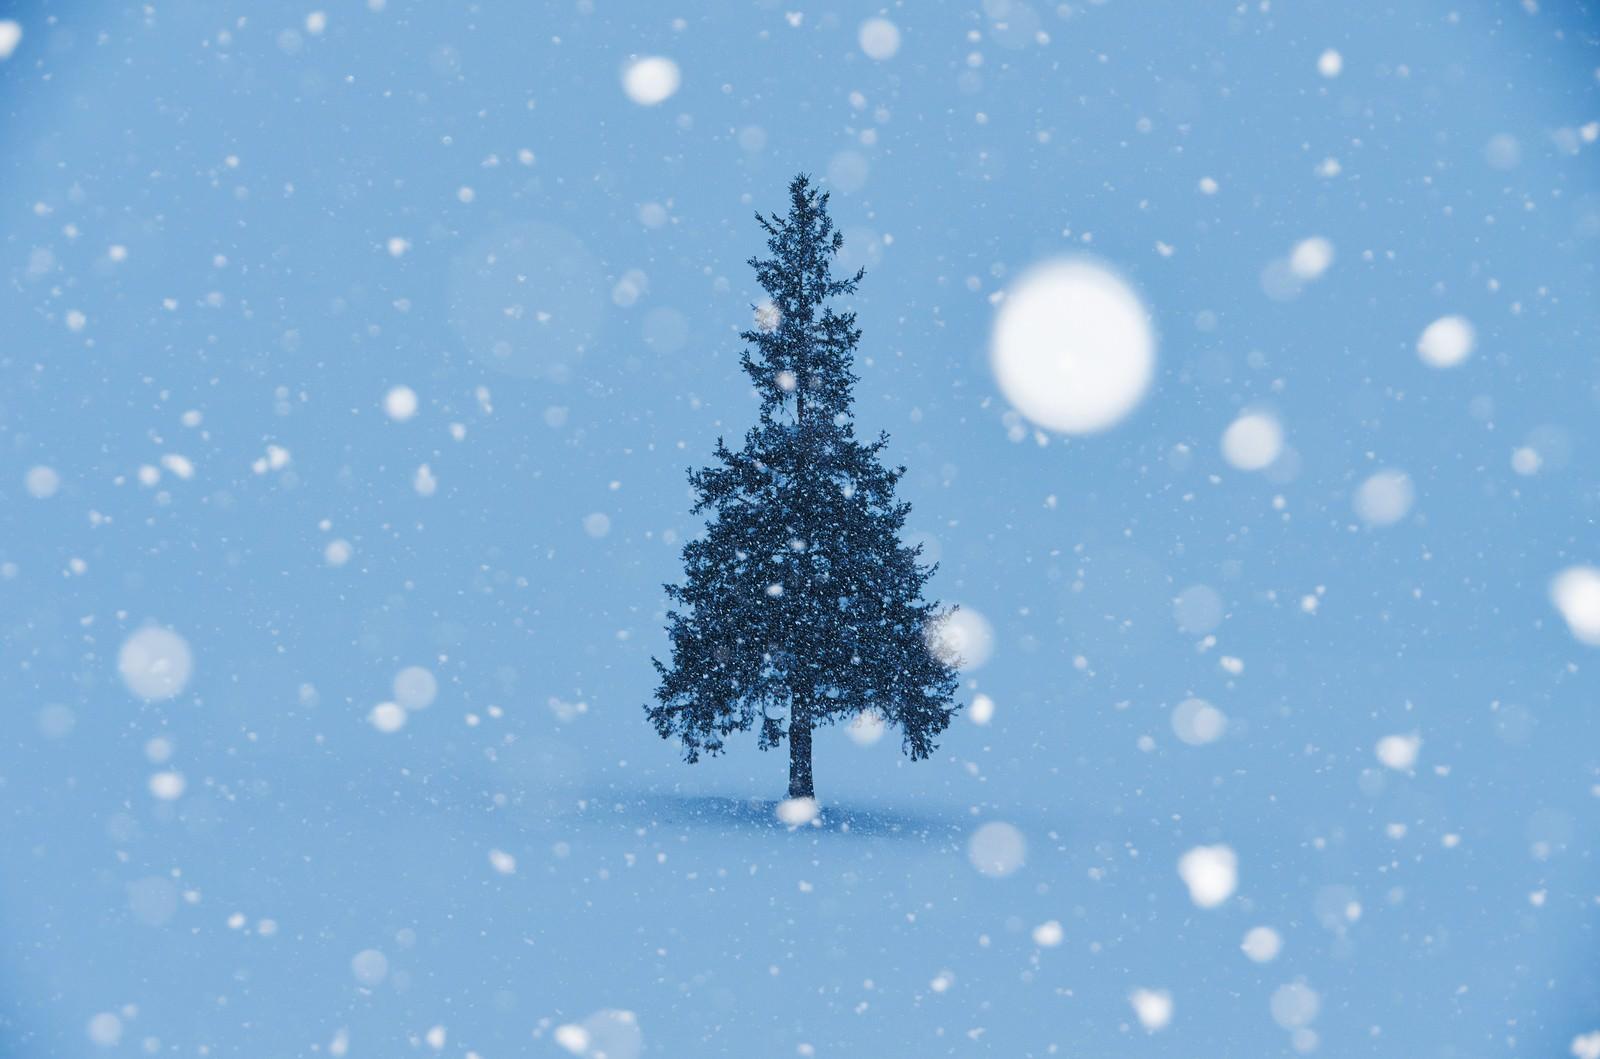 「雪降るクリスマスツリー雪降るクリスマスツリー」のフリー写真素材を拡大